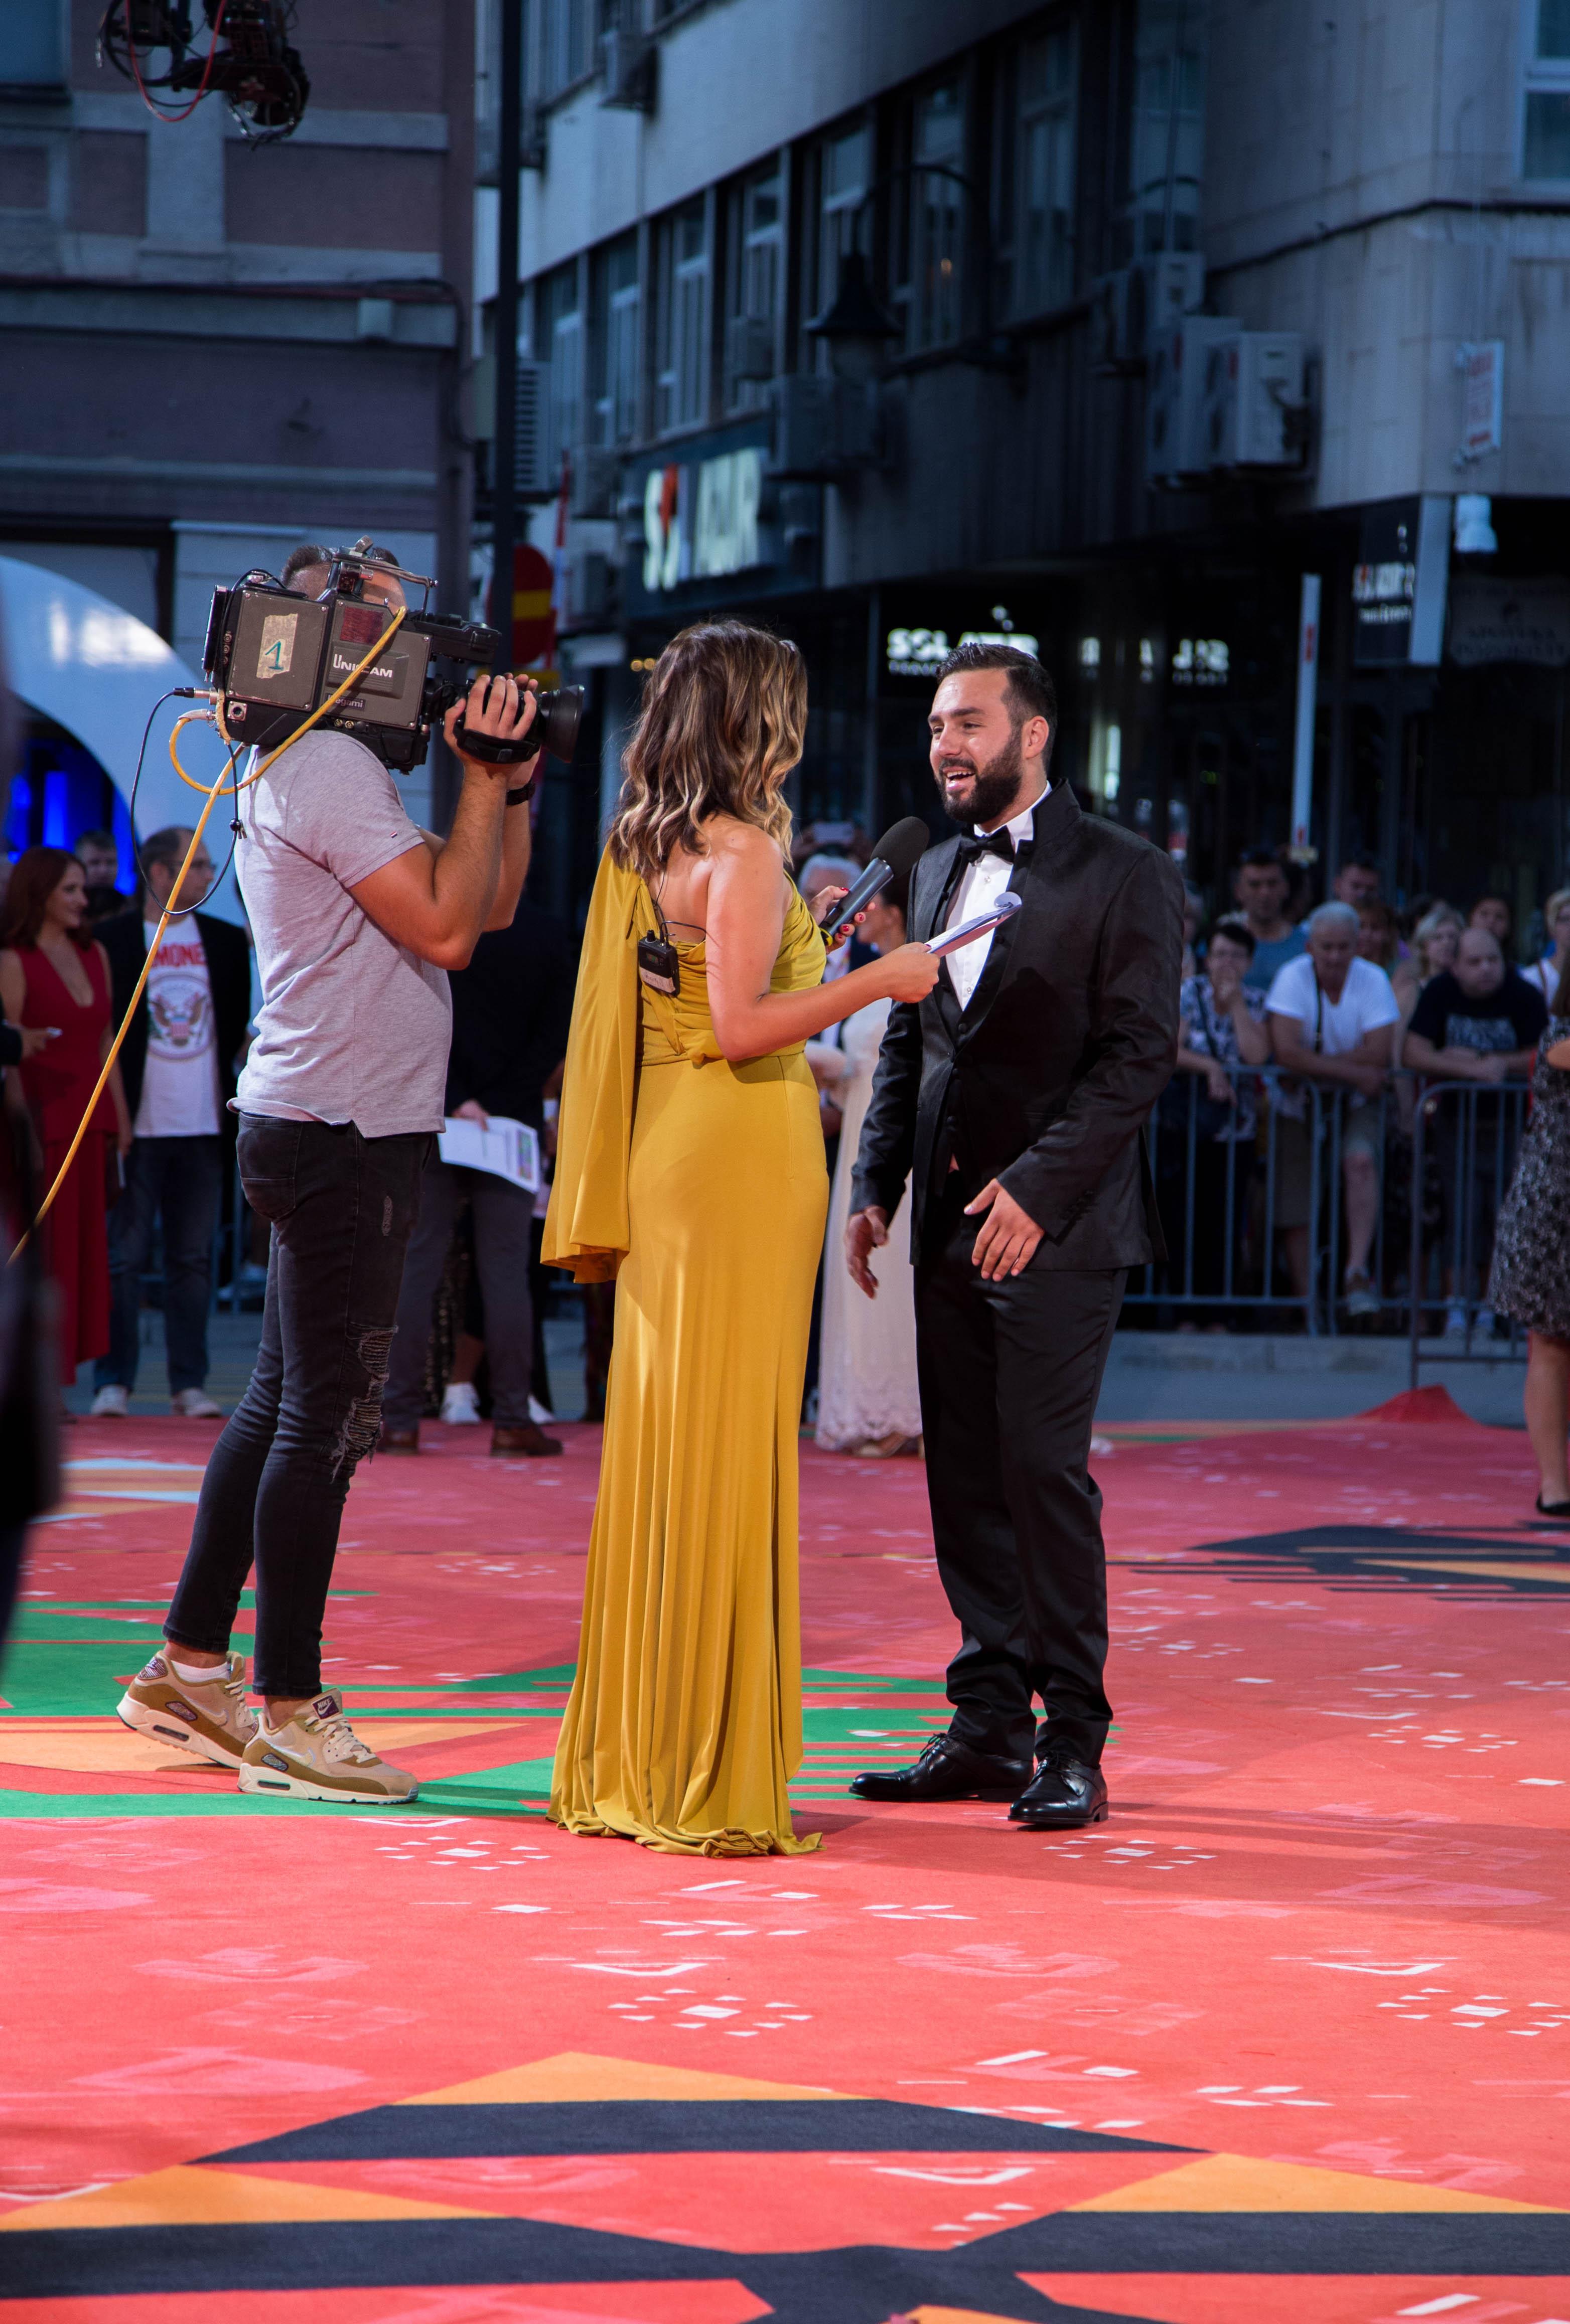 cetvrta noc sarajevo film festival senka catic (24)